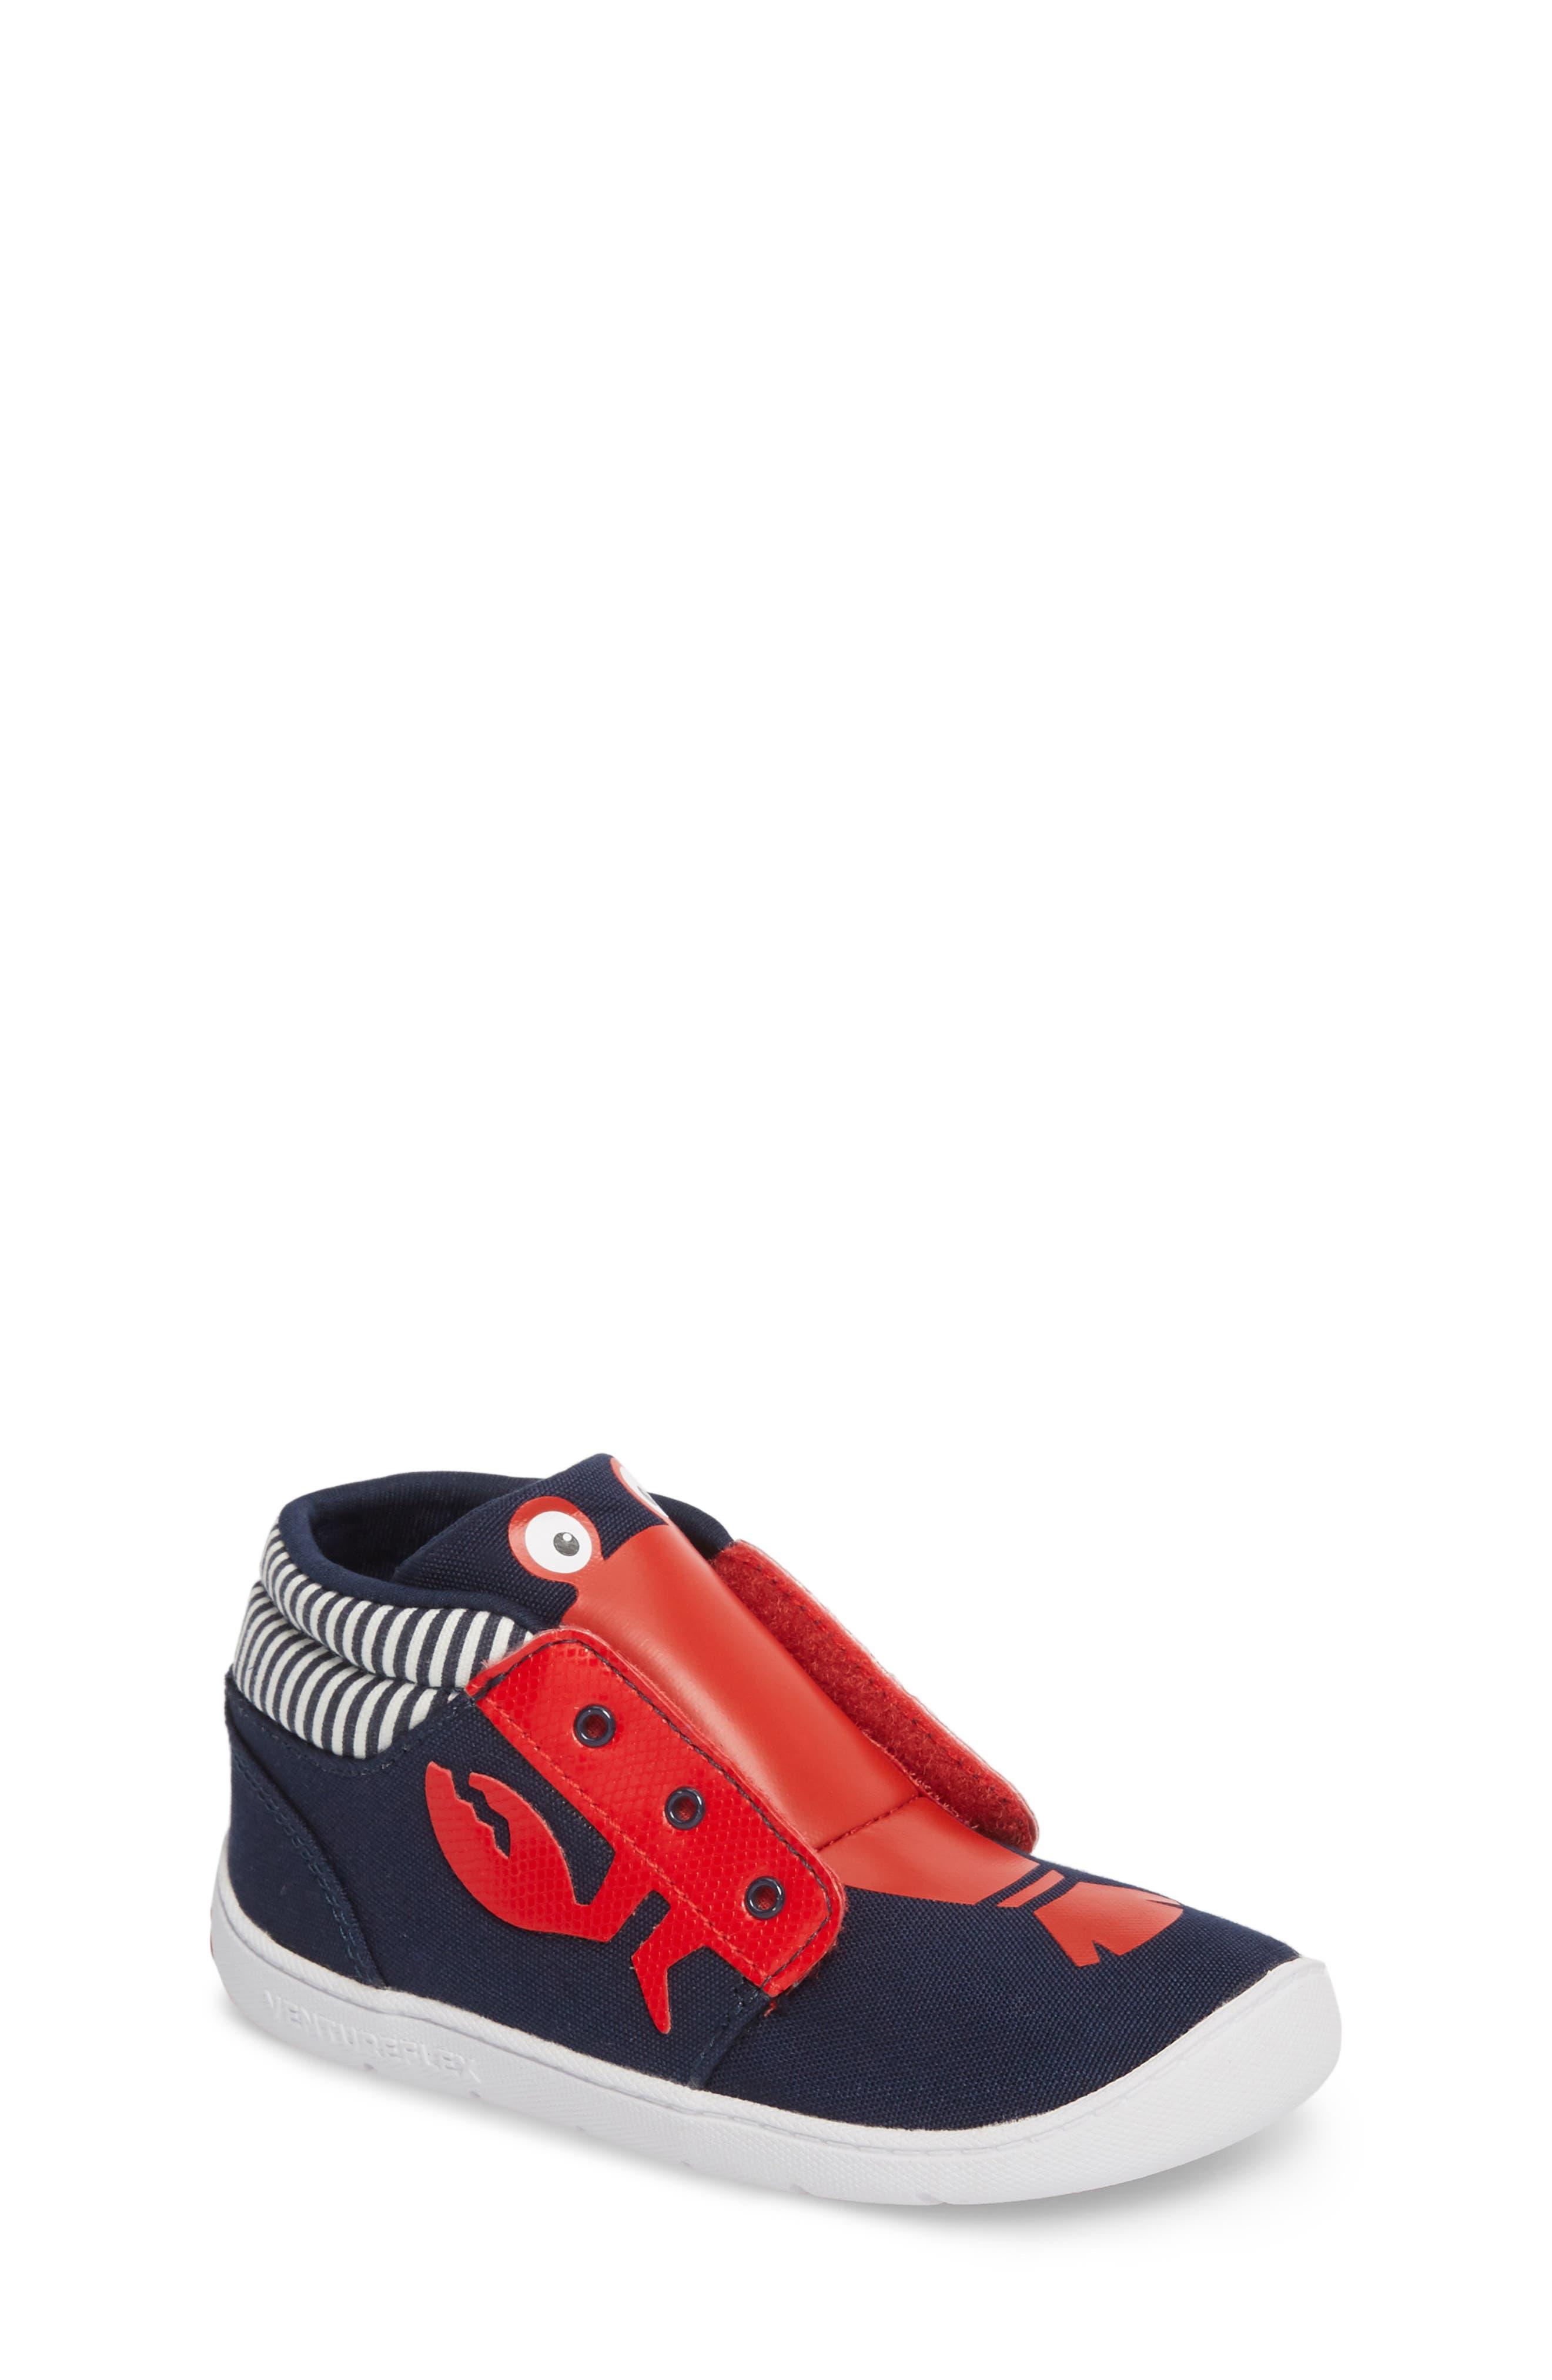 Ventureflex High Top Critter Sneaker,                         Main,                         color, Blue